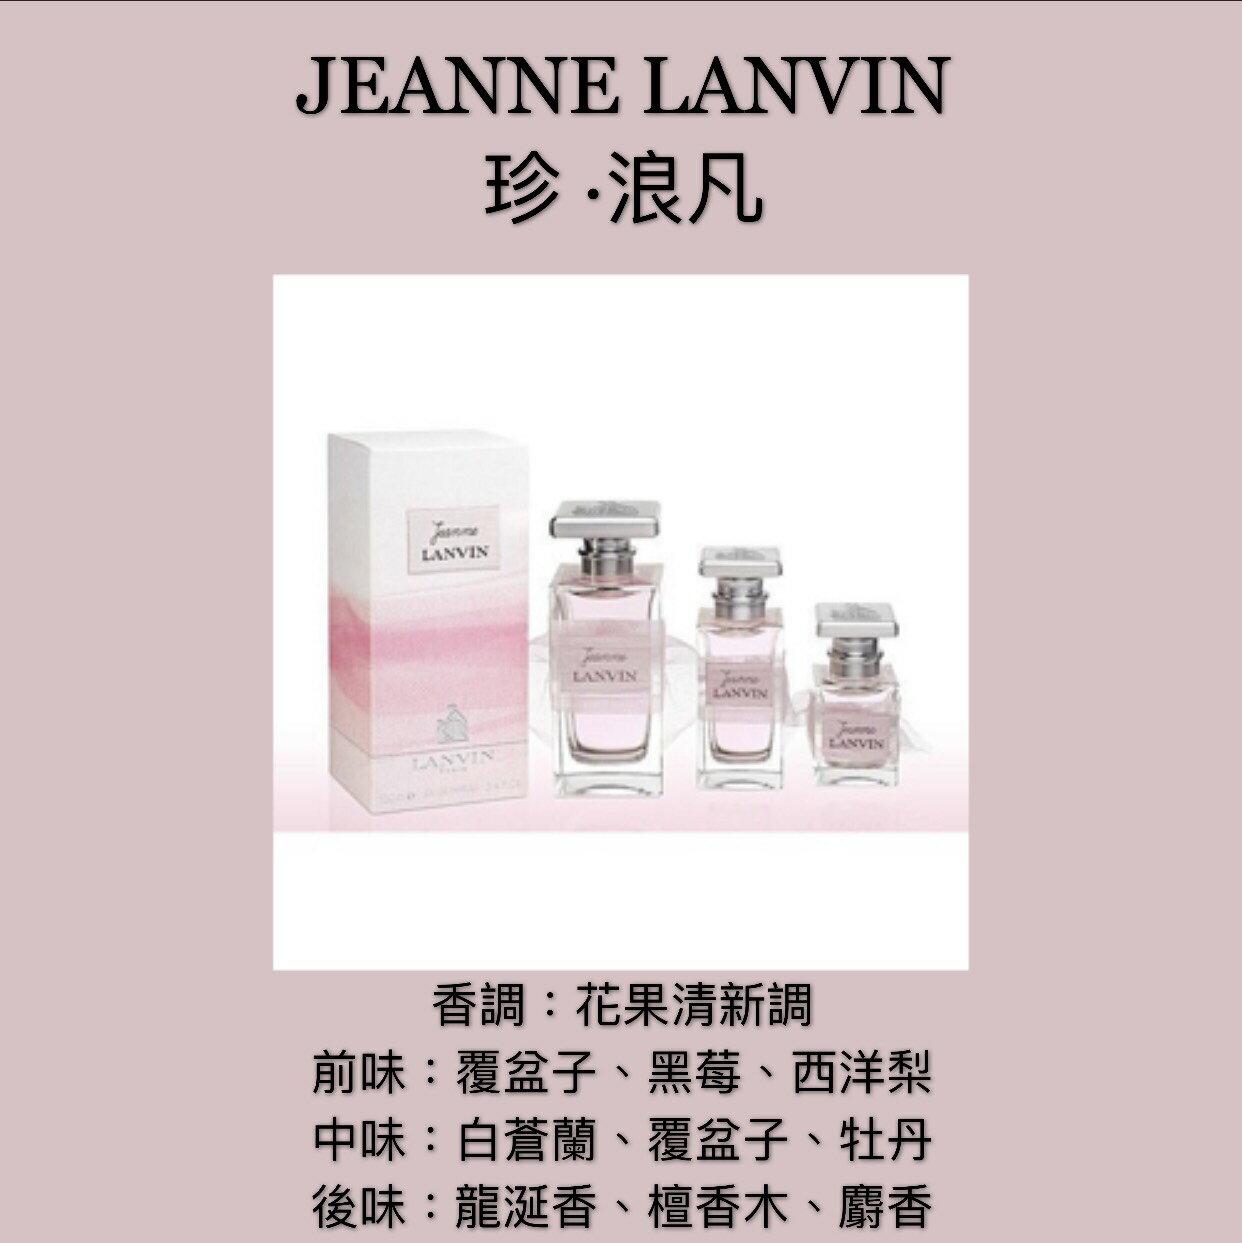 【香舍】JEANNE LANVIN 珍 浪凡 女性淡香精 30ML/100ML